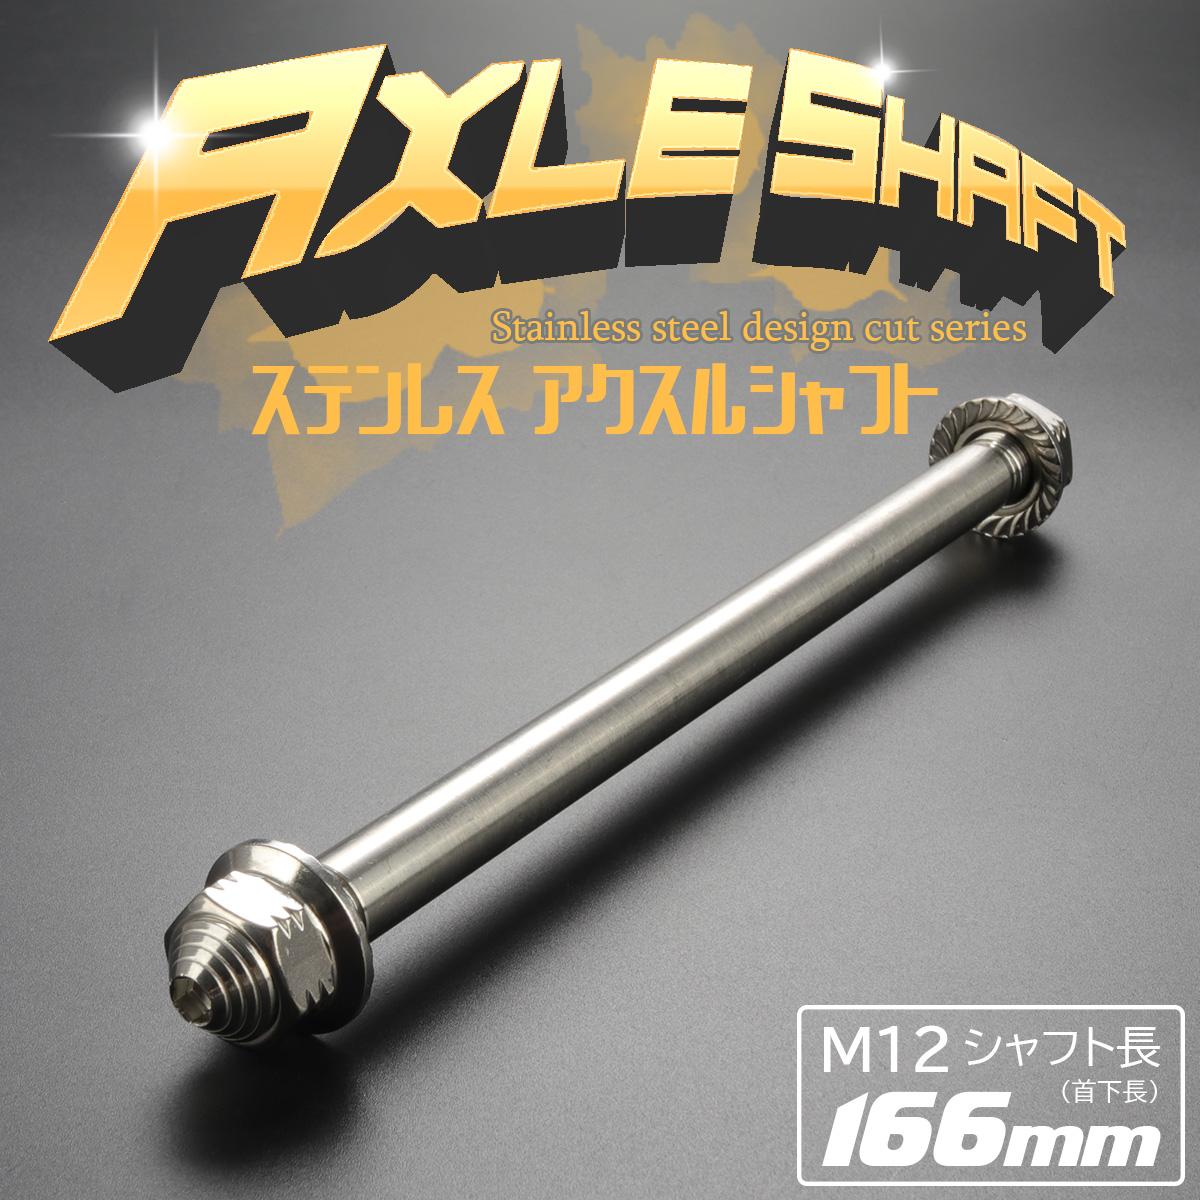 汎用 ステンレス アクスルシャフト M12 166mm シルバー 4ミニ 原付など TH0343